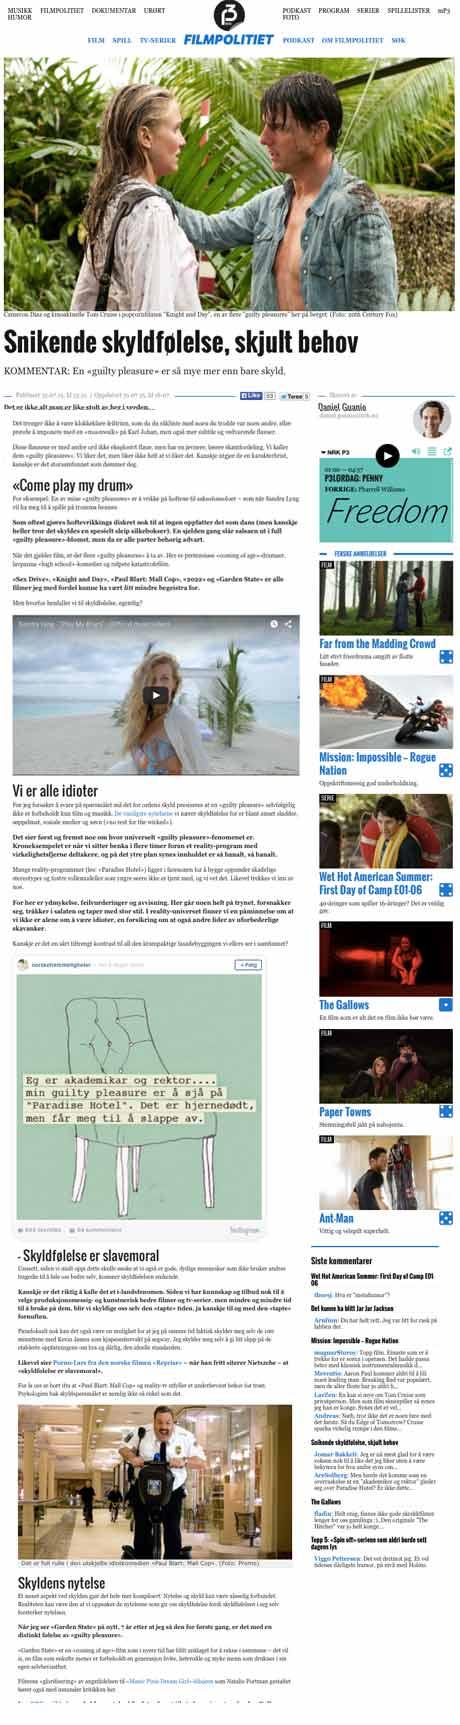 Avsnittet og illustrasjon fra NORSKE HEMMELIGHETER, nesten i sin helhet. (Kilde: skjermdump http://p3.no/filmpolitiet/2015/07/snikende-skyldfolelse-skjult-behov/)